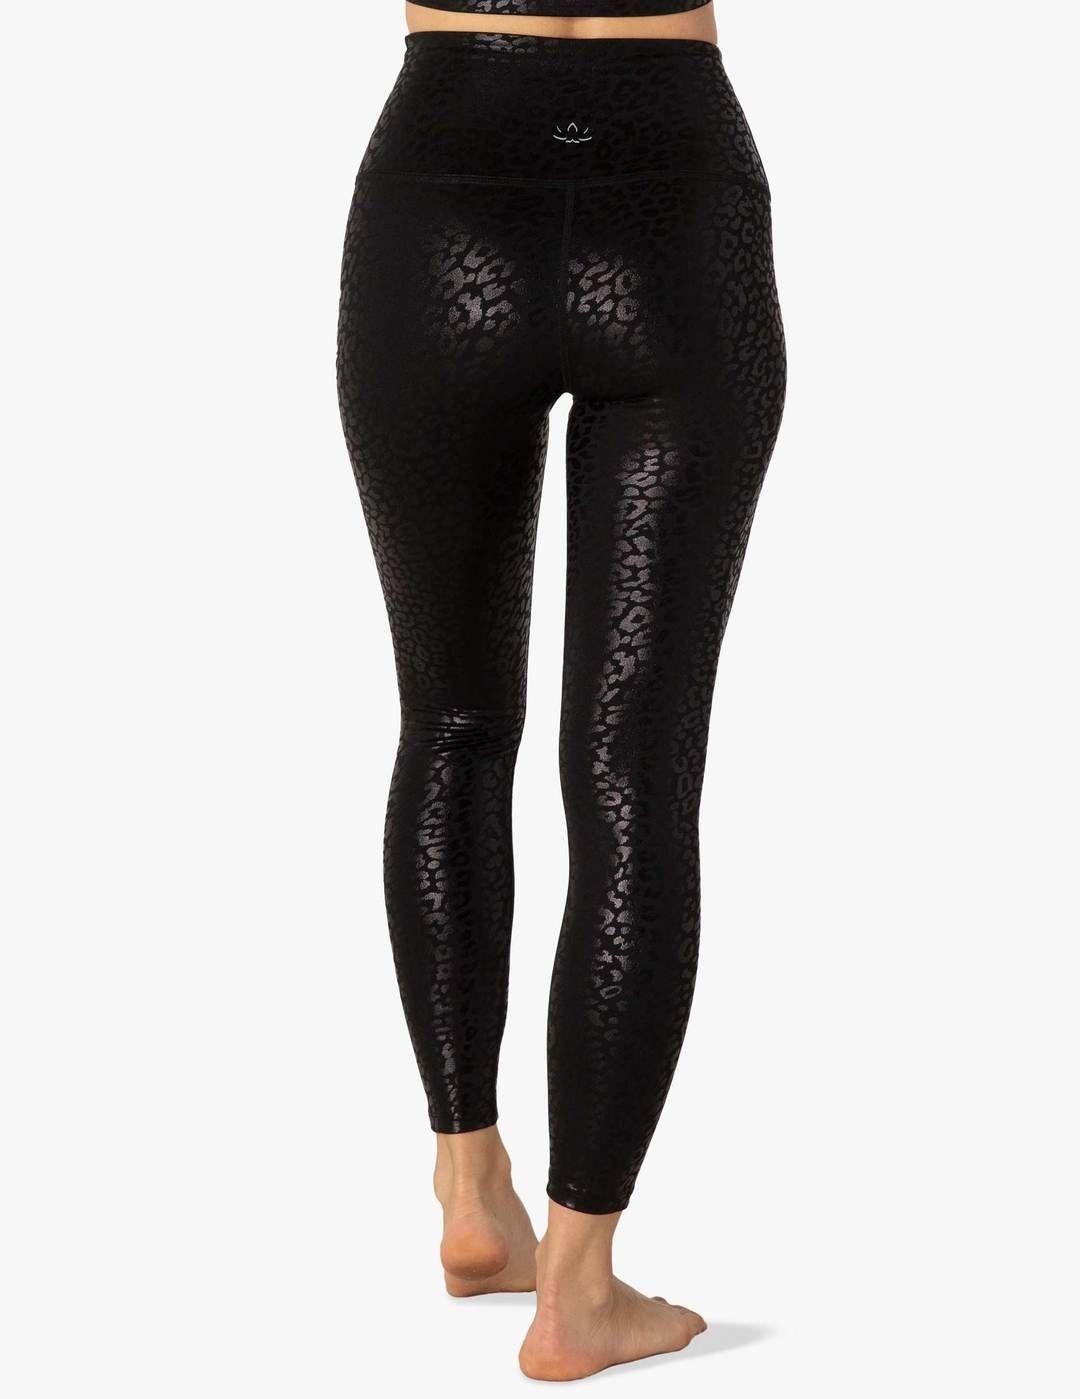 19+ Beyond yoga leopard leggings ideas in 2021